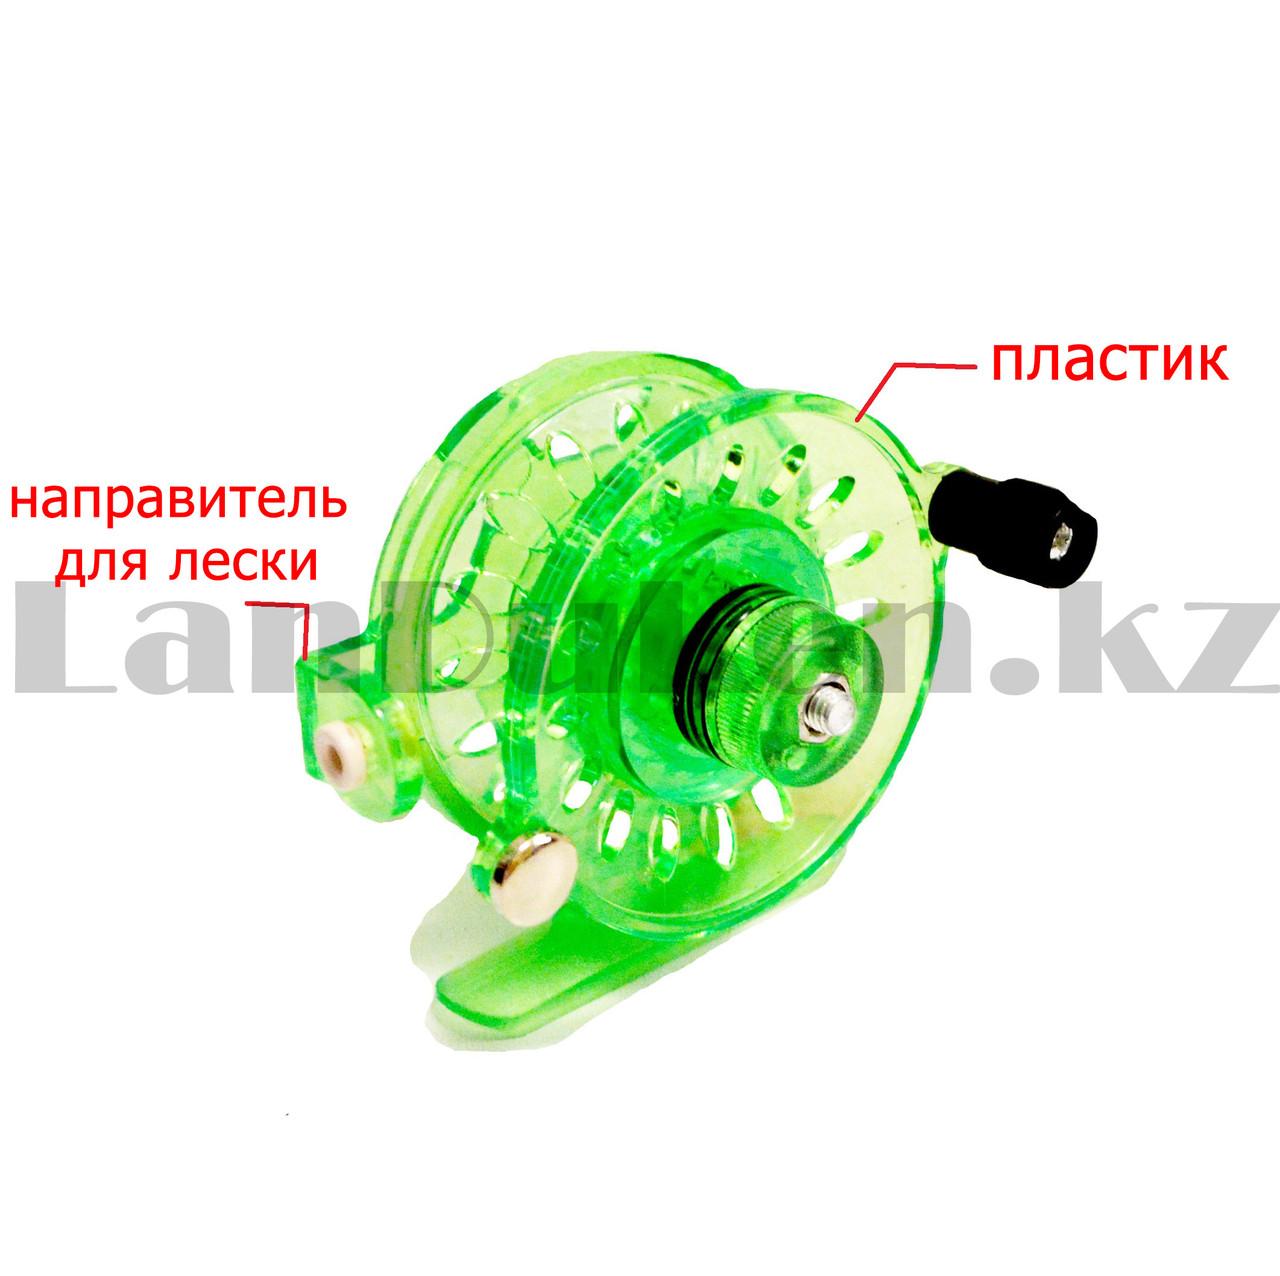 Инерционная катушка с направителем для лески для удочки металлическая зеленая - фото 2